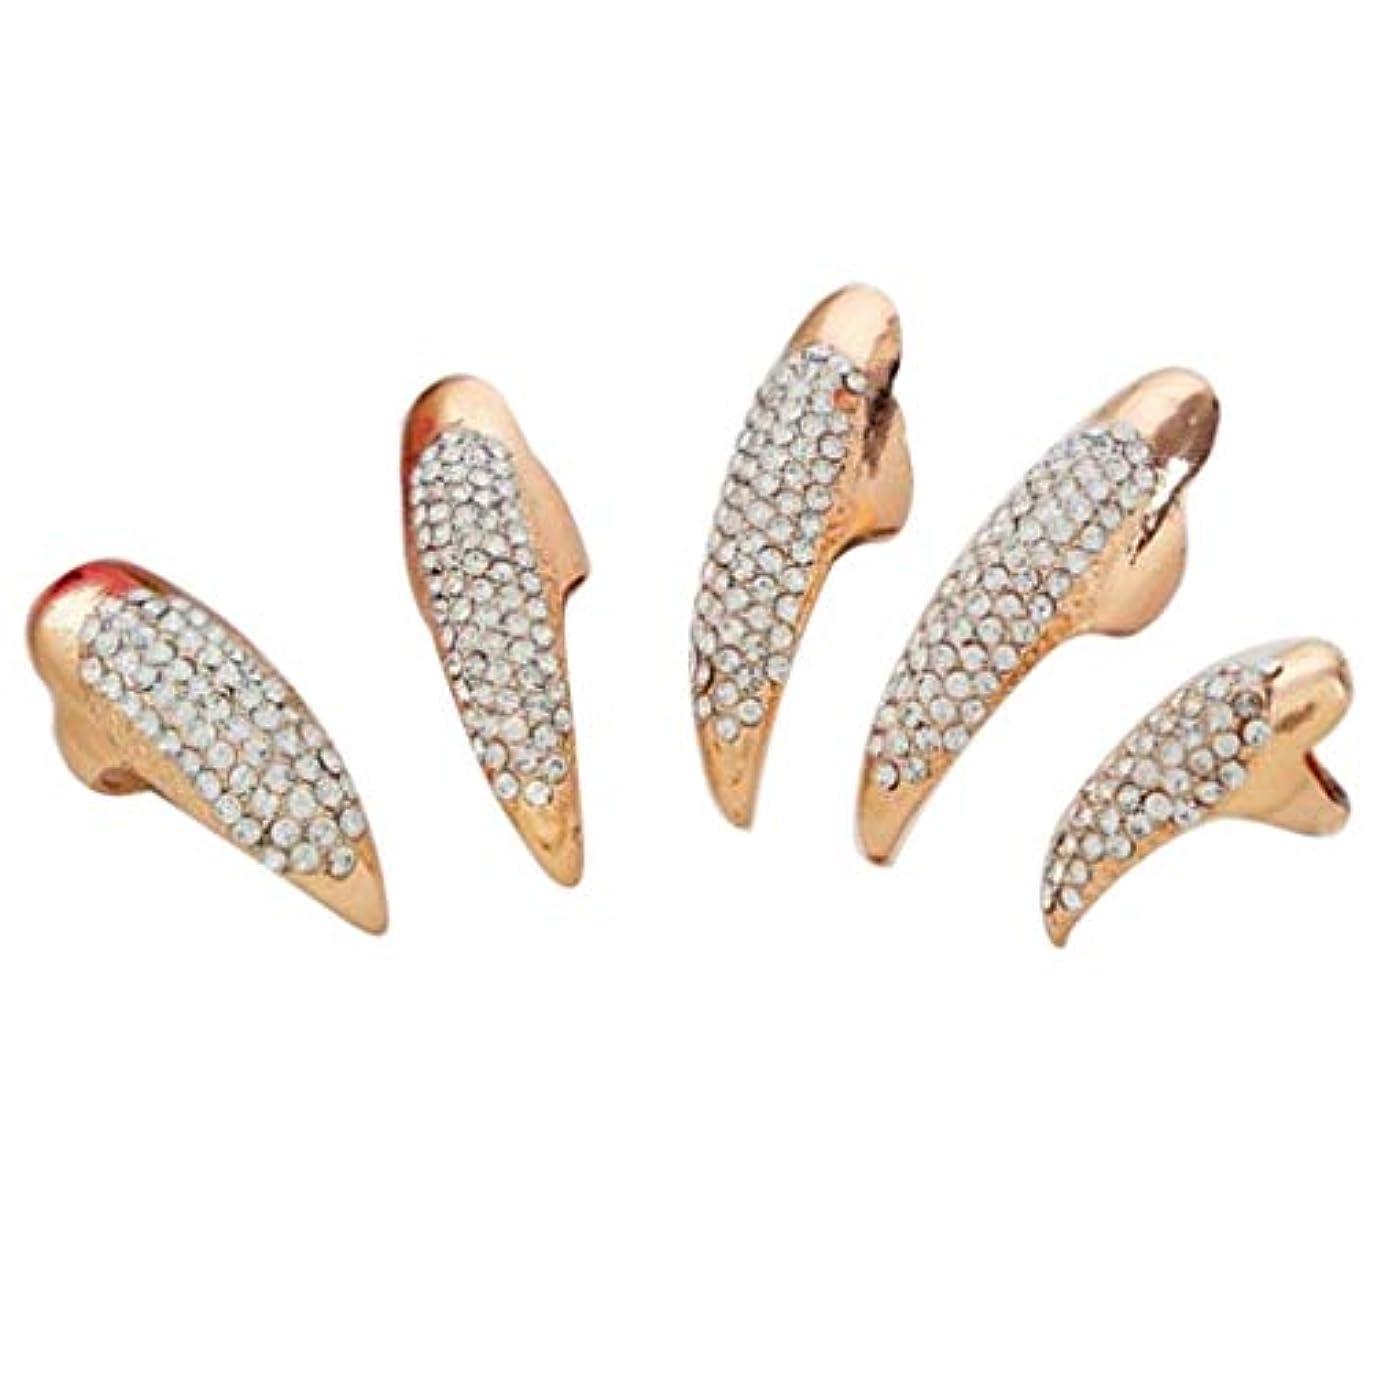 ギャラリー傑作顕現B Baosity ネイルアート ネイルリング 爪リング ネイルチップ 指先 爪の指輪 キラキラ 2色選べ - ゴールデン